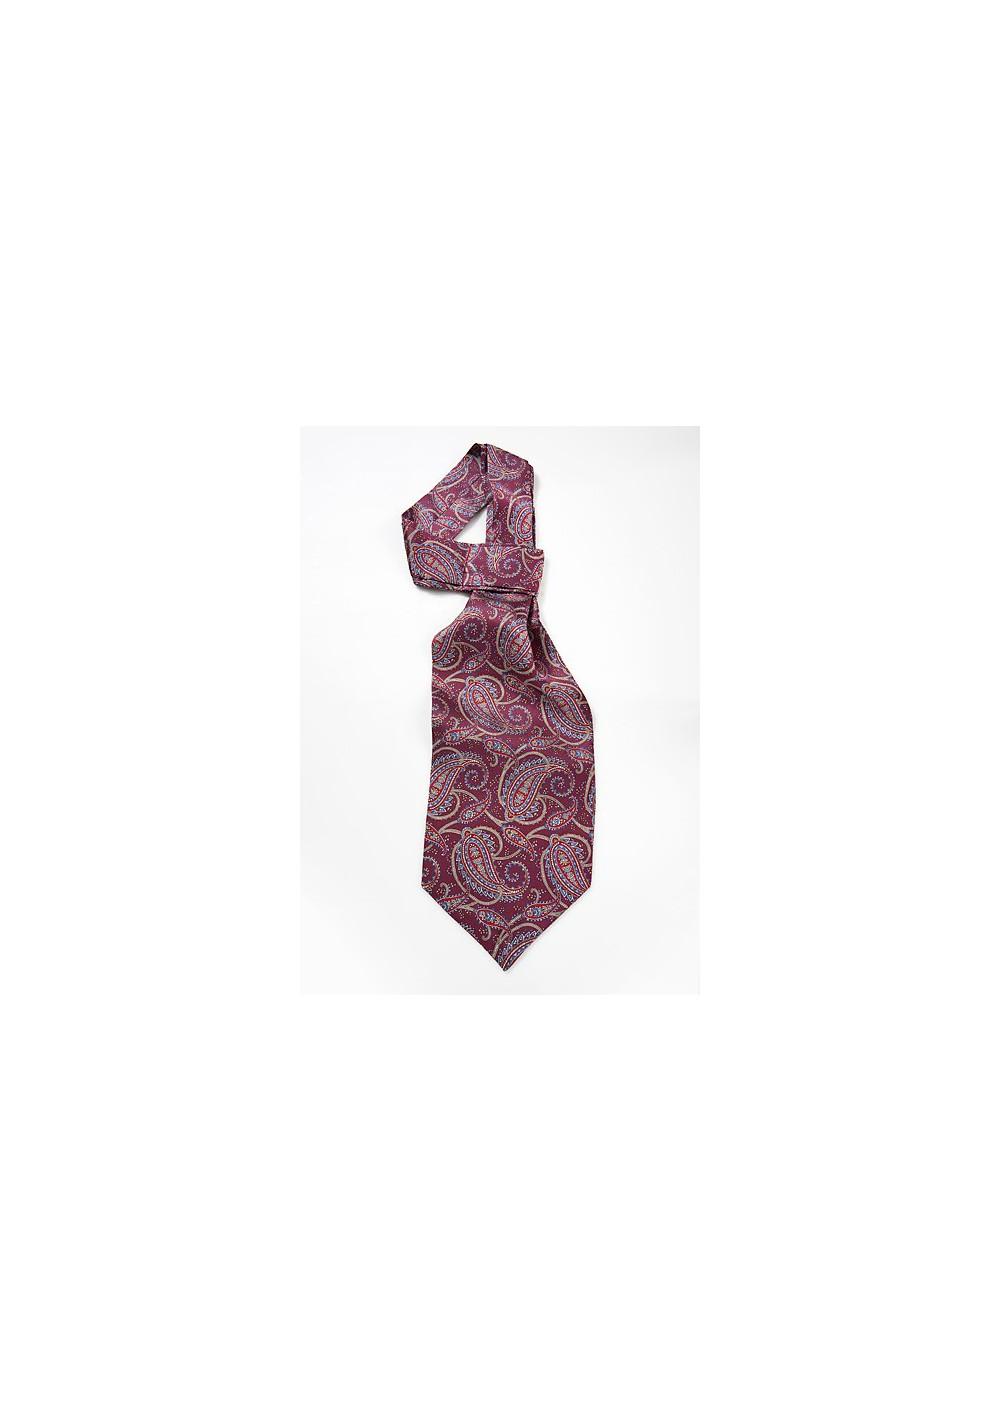 Mens Ascot Tie in Burgundy